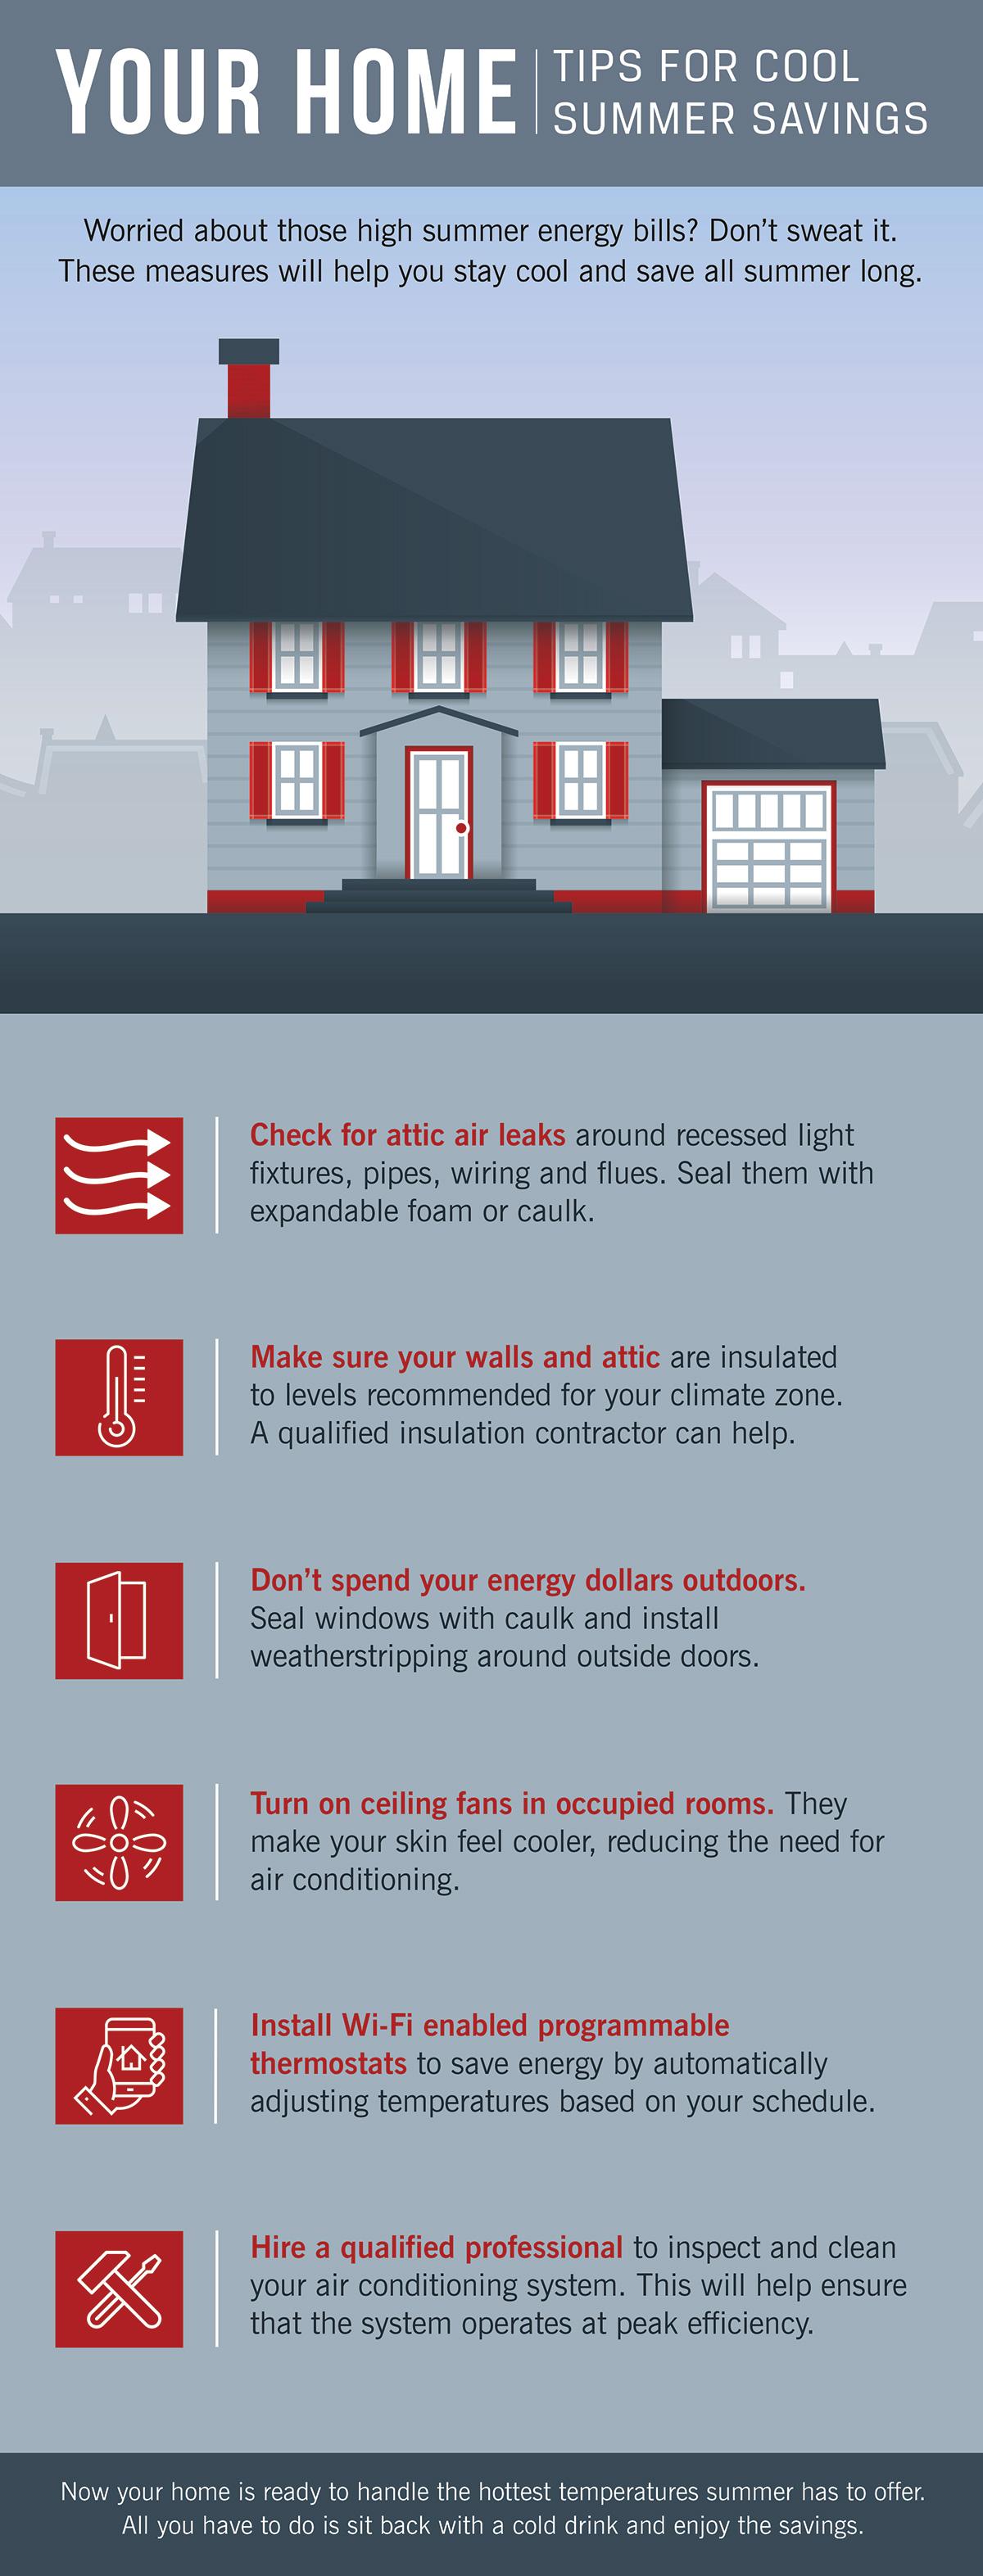 Home-Tips-For-Summer-Savings-desktop.jpg